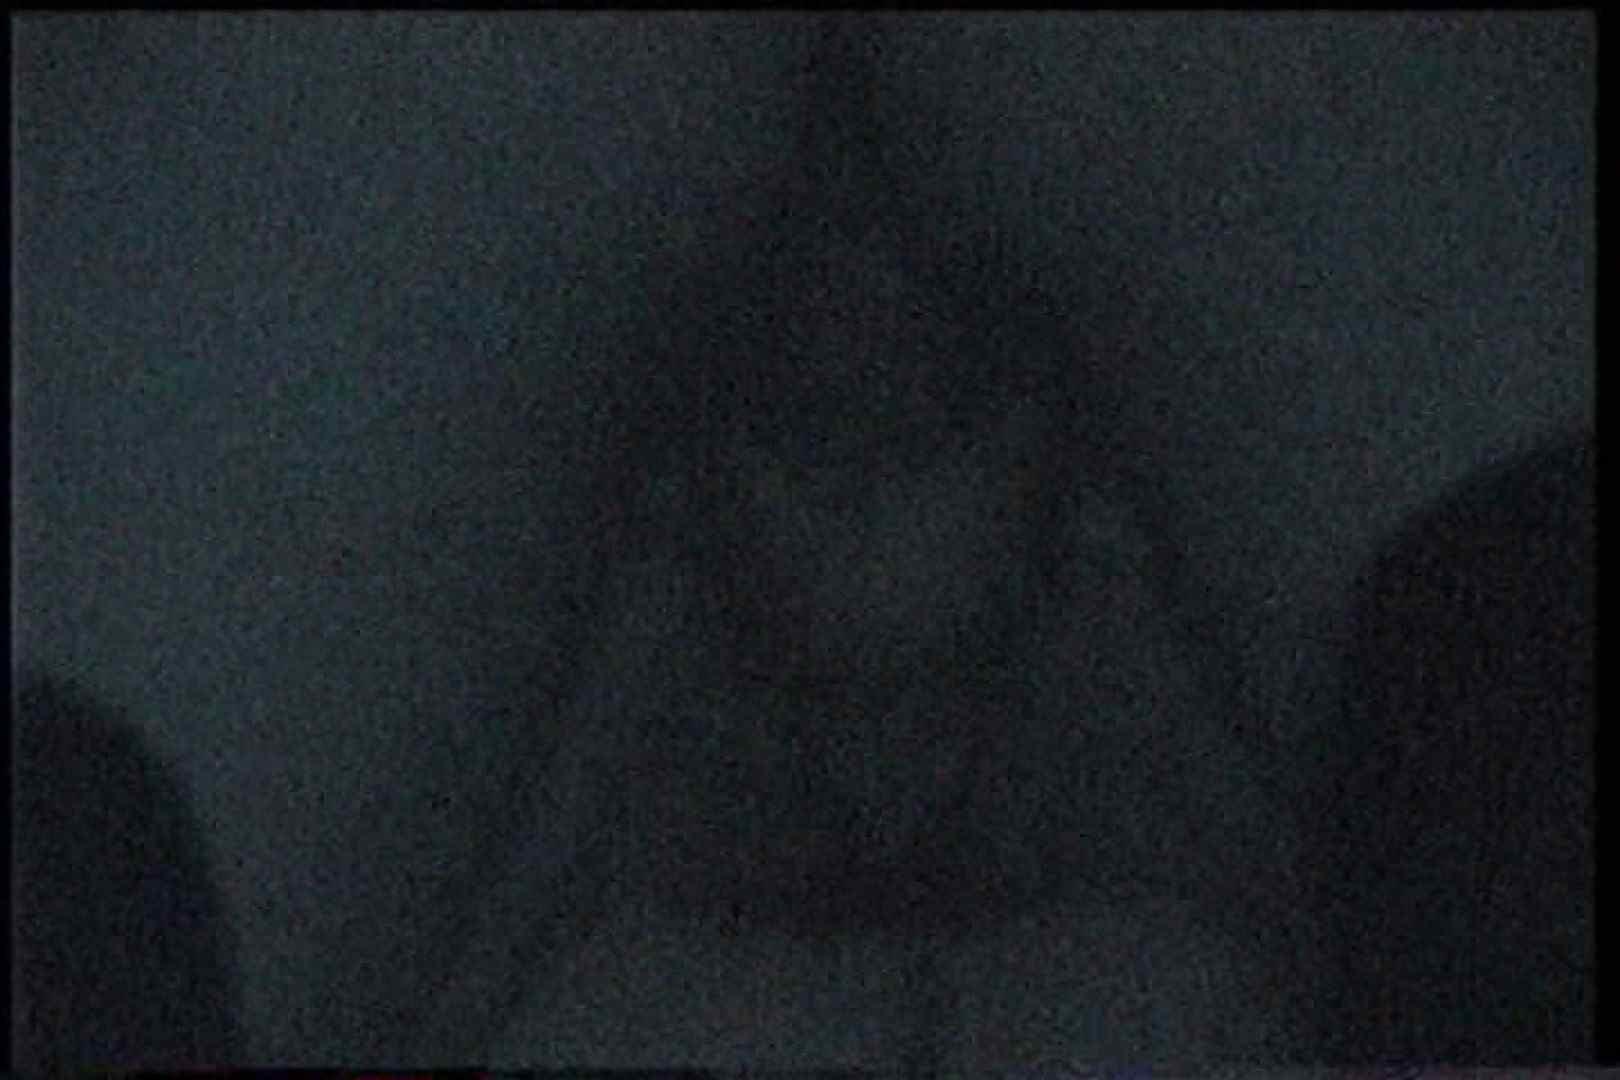 「充血監督」さんの深夜の運動会!! vol.175 セックスする女性達 エロ画像 83画像 34